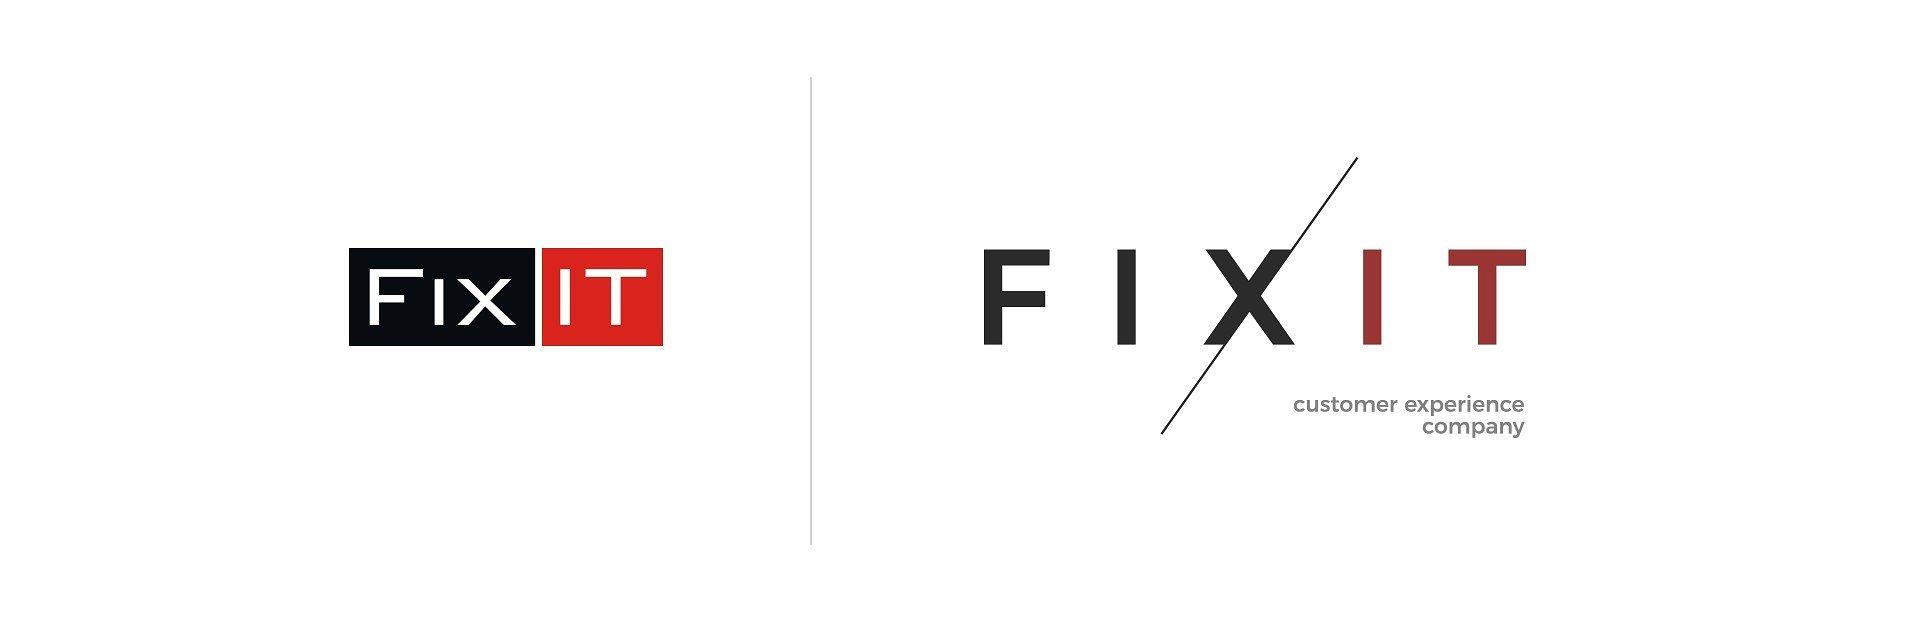 Zmiany nie tylko wizualne. Fixit przeszedł rebranding i postawił na rozwój swoich usług